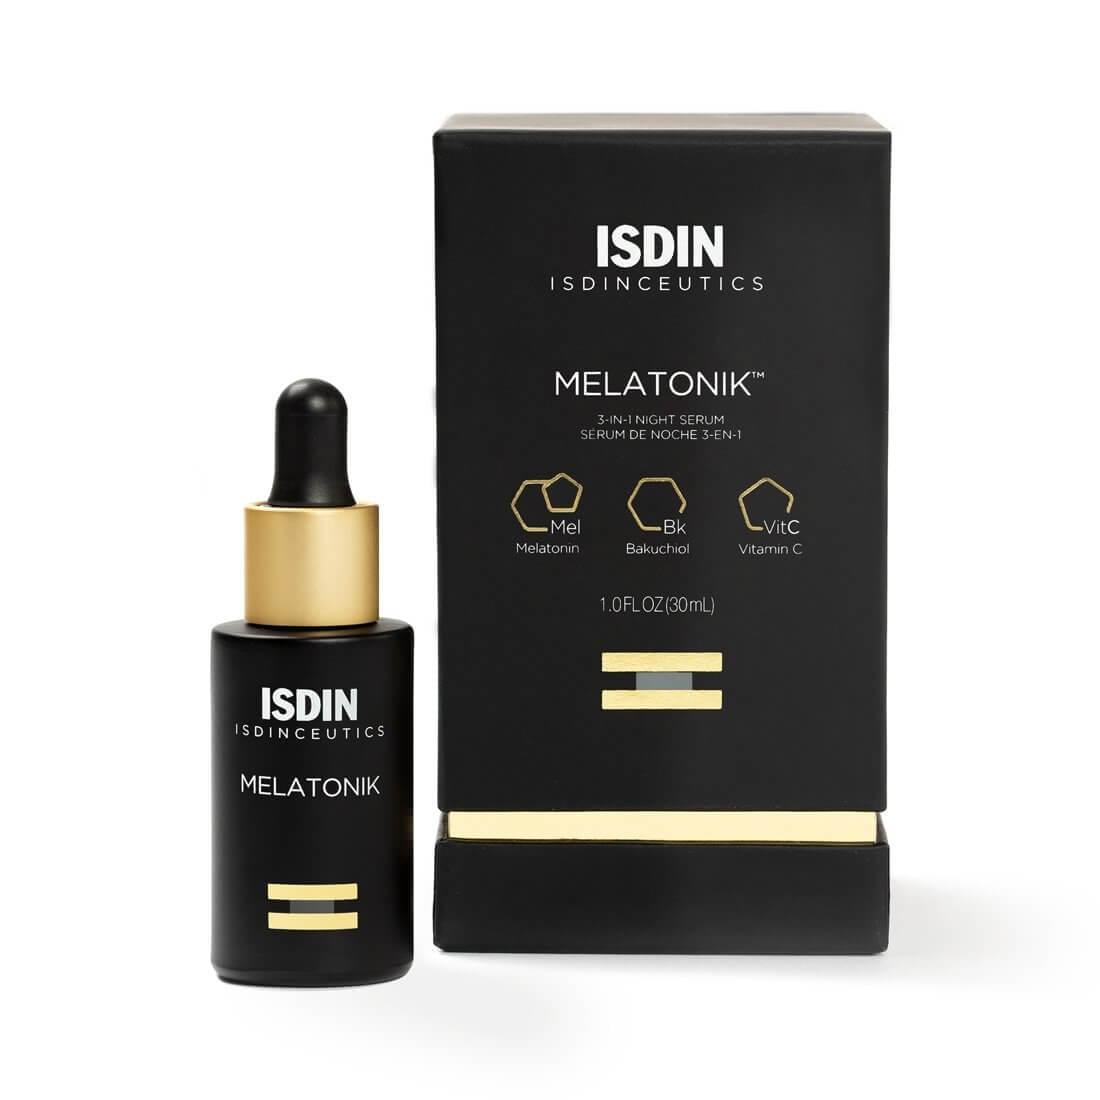 ISDINCEUTICS MELATONIK™ 3-IN-1 NIGHT SERUM